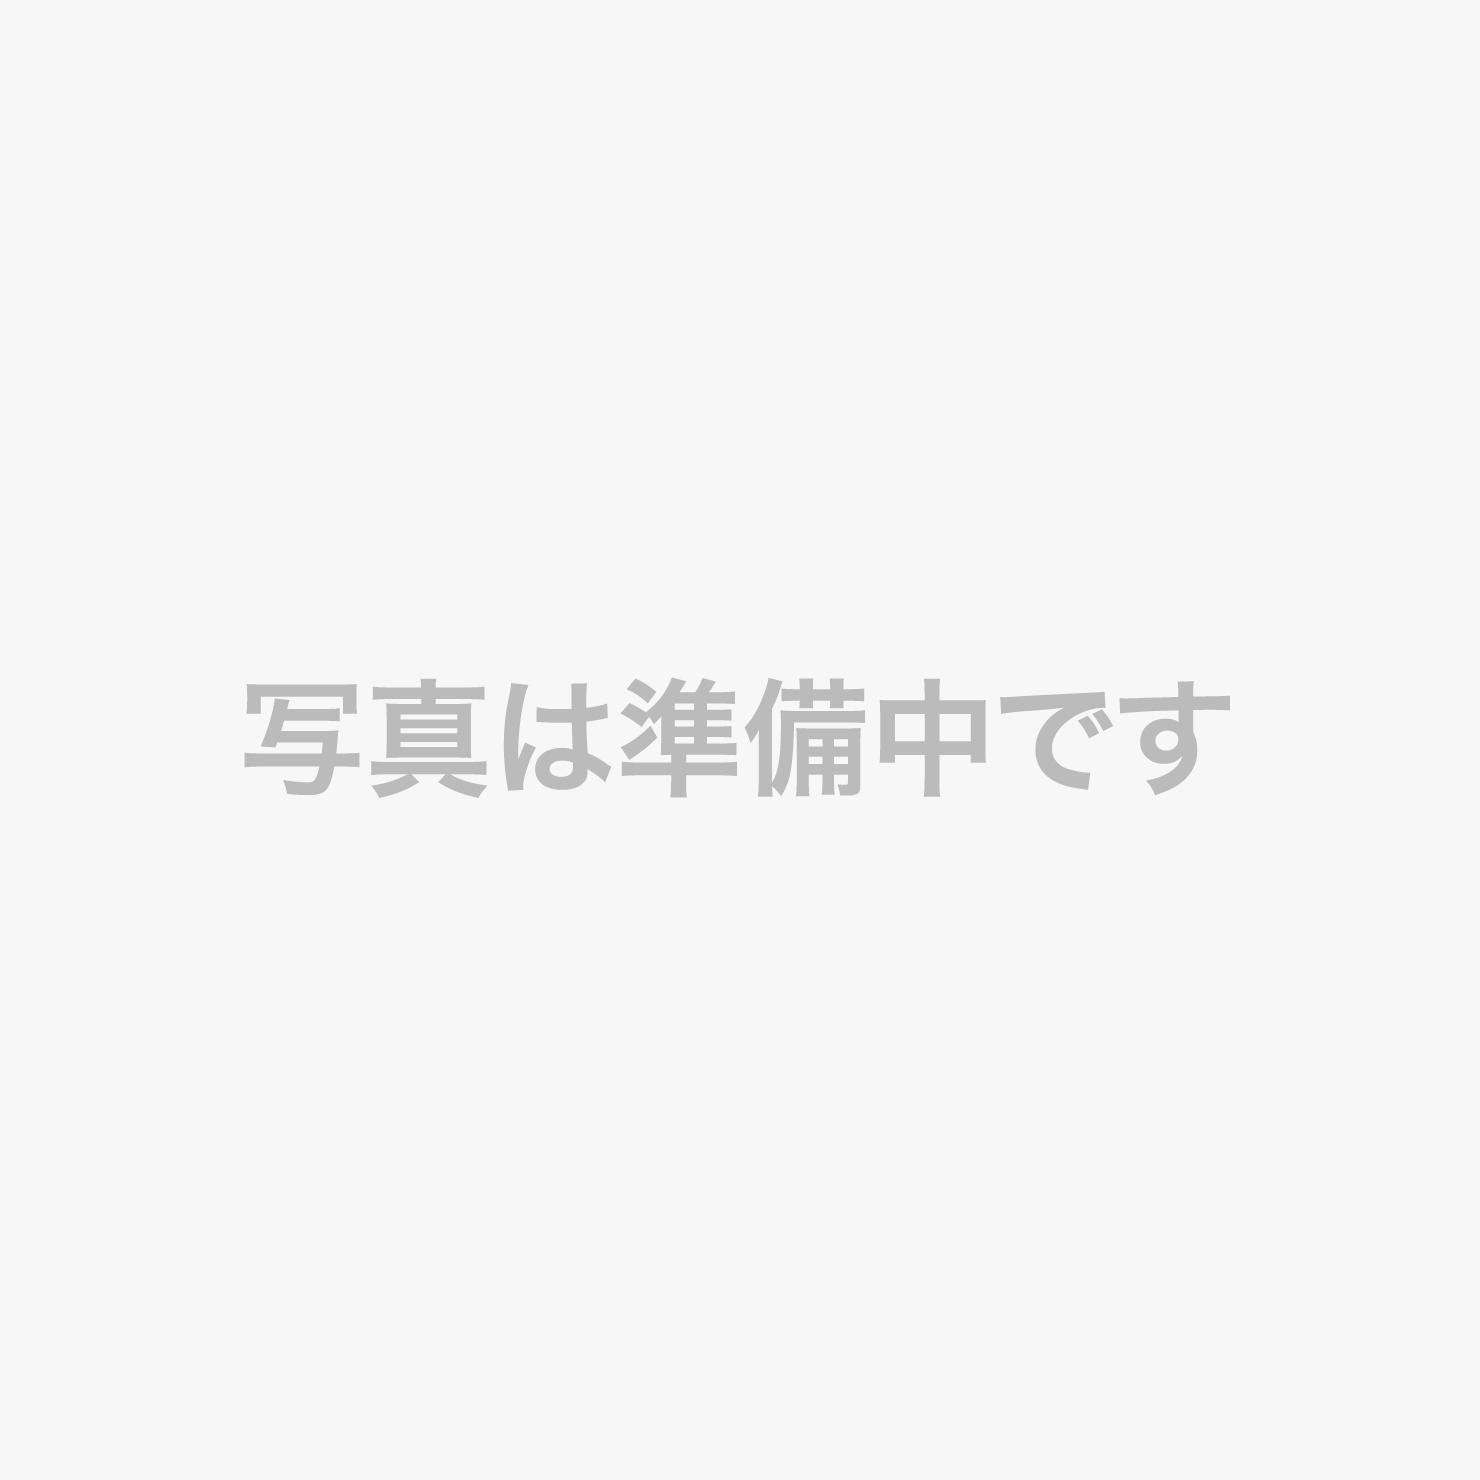 ■朝の彩り御膳4 (イメージ)■